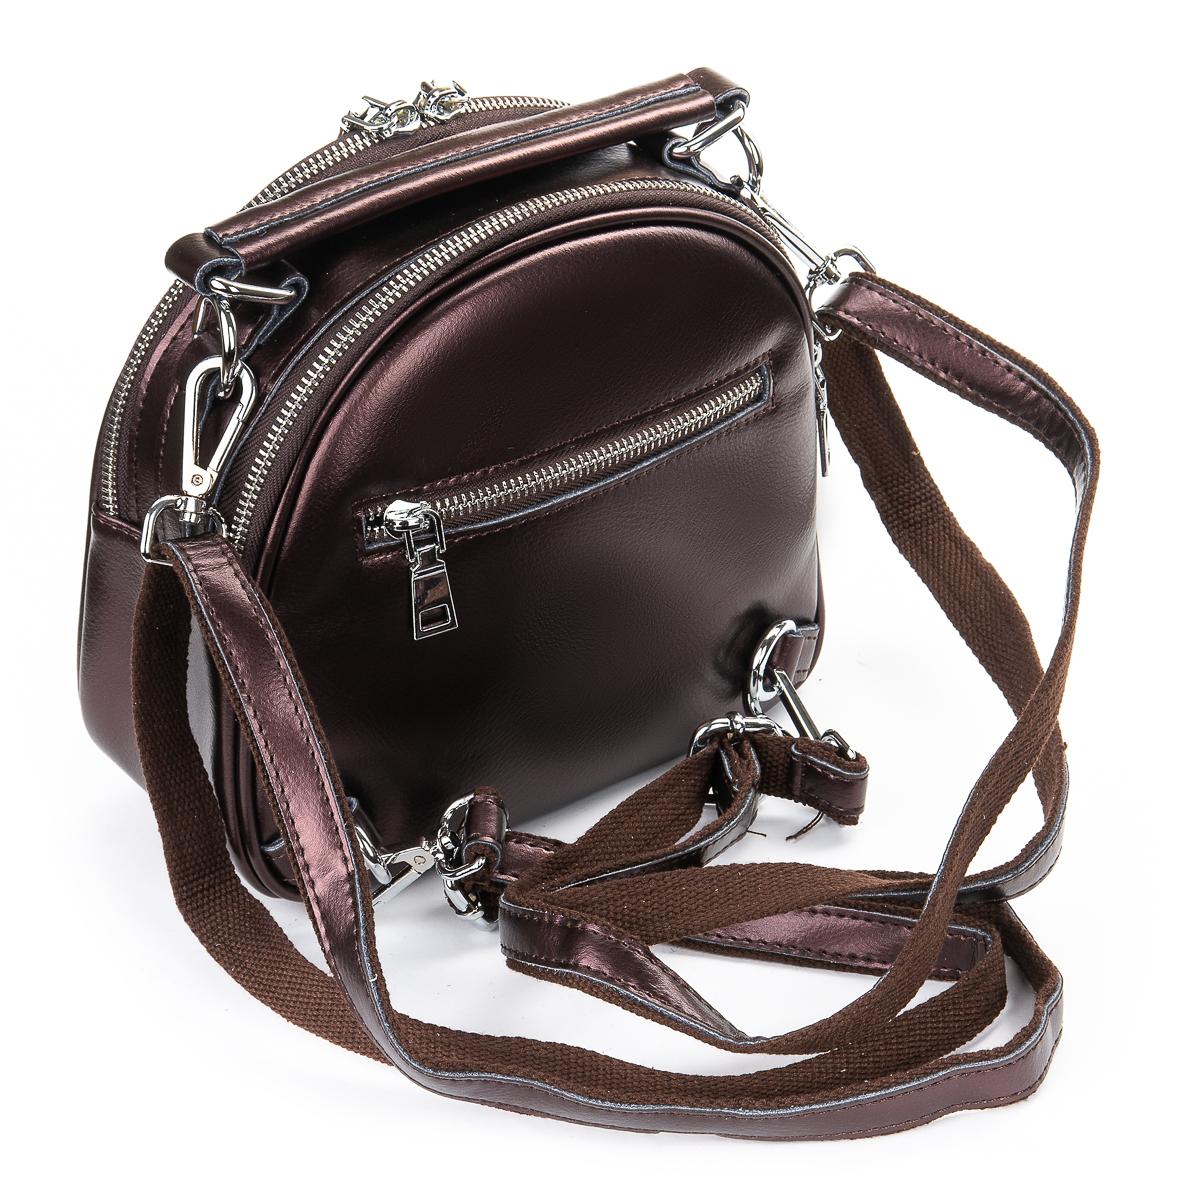 Сумка Женская Клатч кожа ALEX RAI 06-1 339 light-brown - фото 4